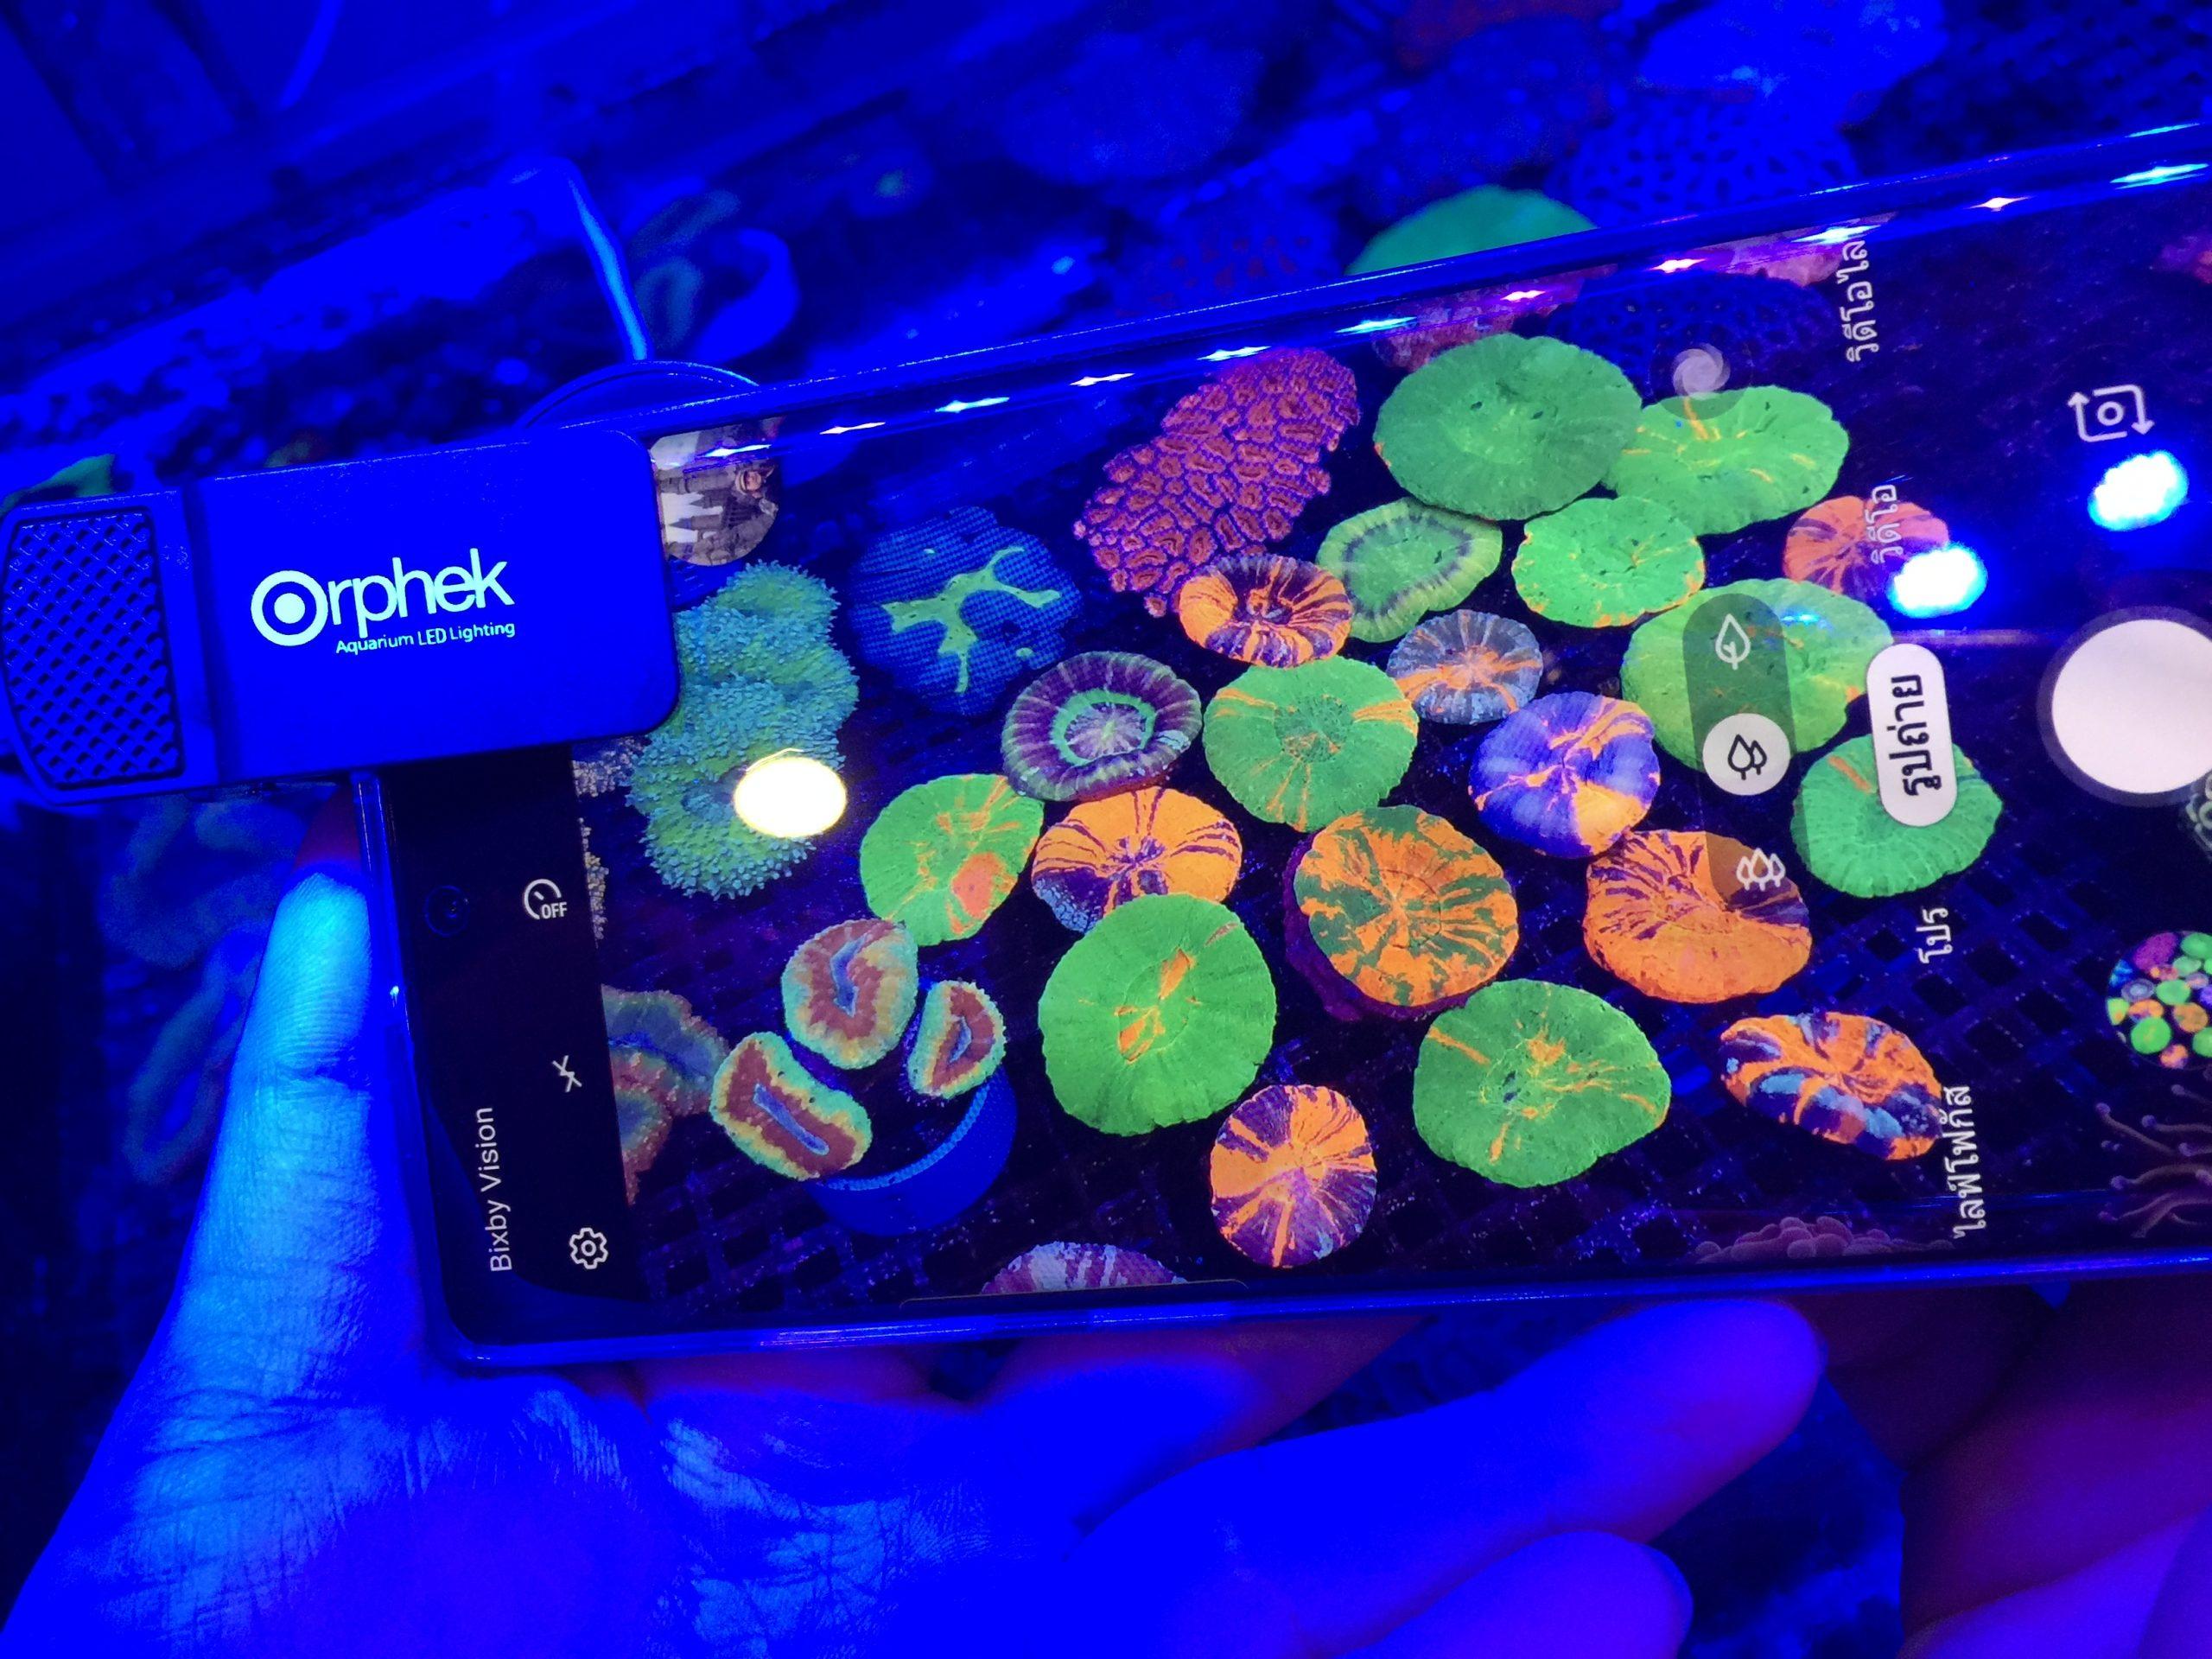 melhor smartphone de lente corais 2020